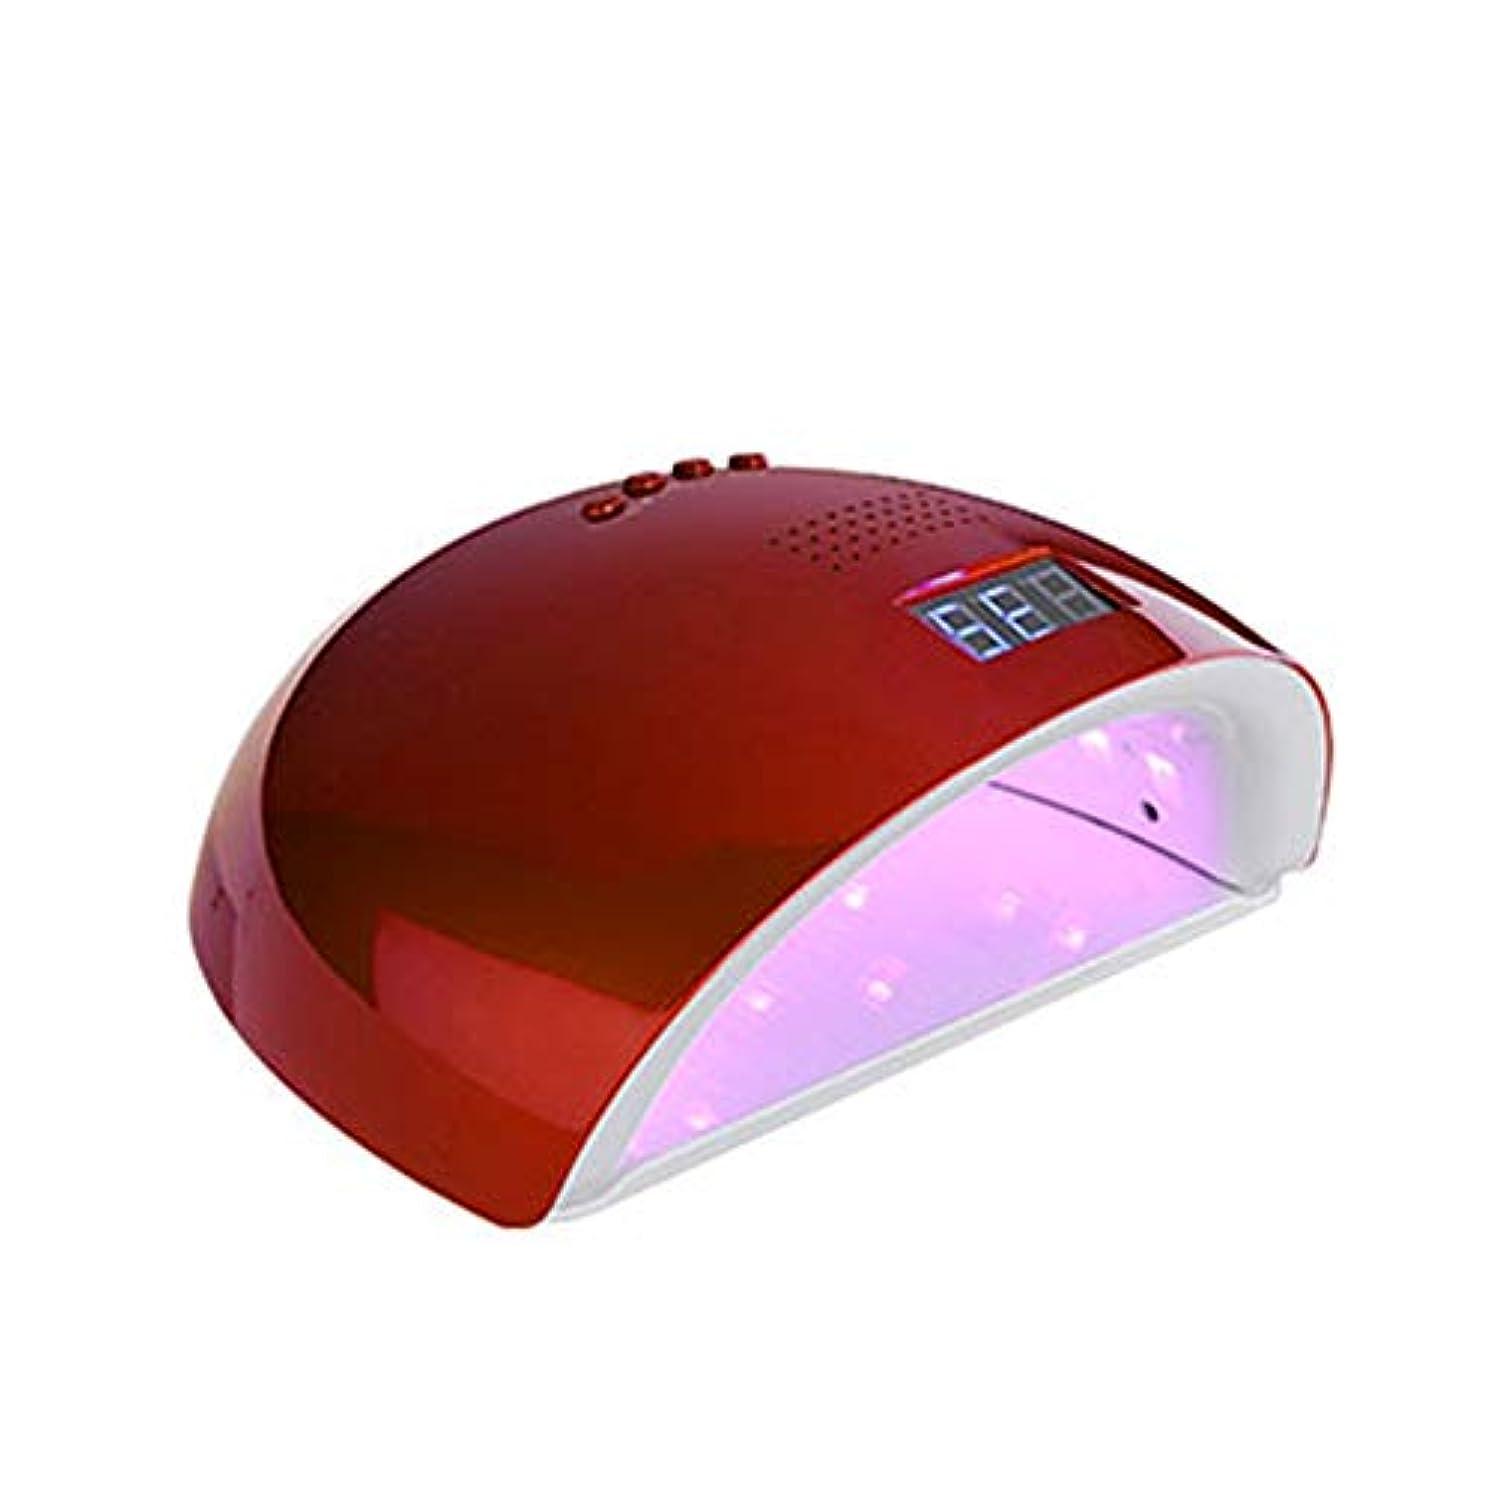 吸い込むハンバーガー泥沼レッドライト60W日7AランプネイルズLEDデュアルパワーネイルドライヤーエアードライヤー硬化UVジェルポリッシュネイルアートマニキュアツールの自動誘導,赤